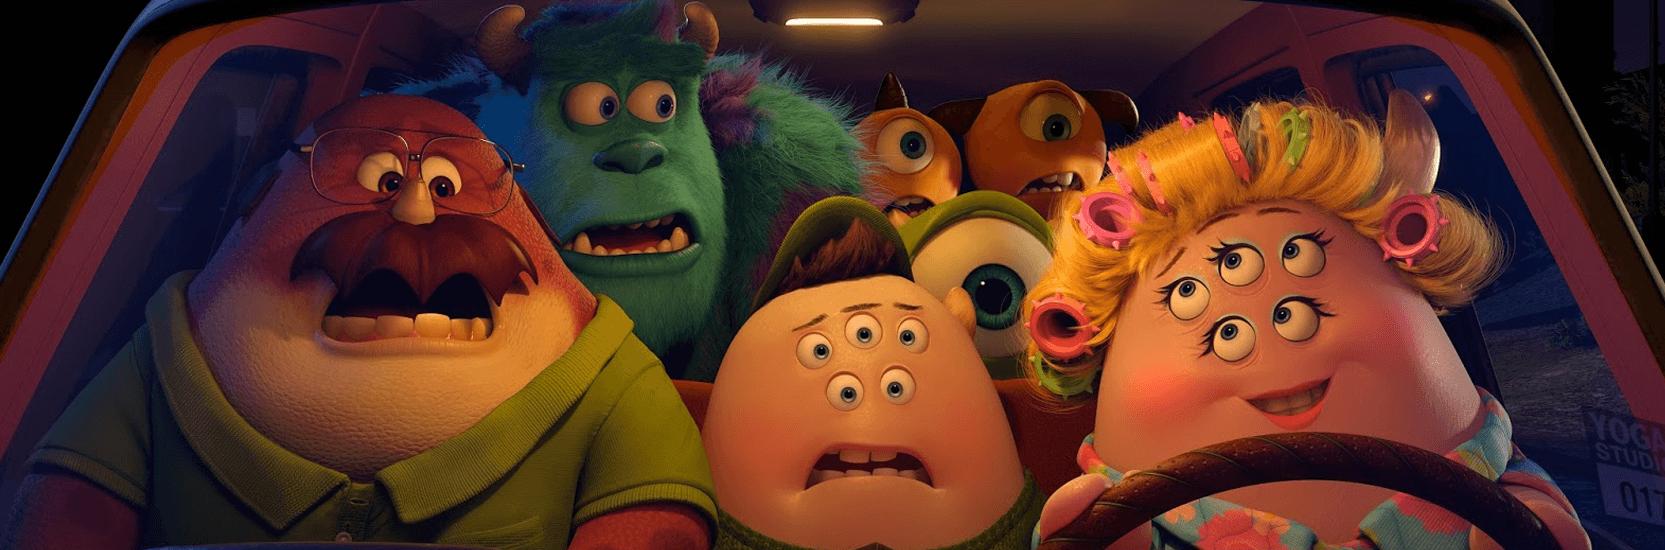 Critique : Monstres Academy